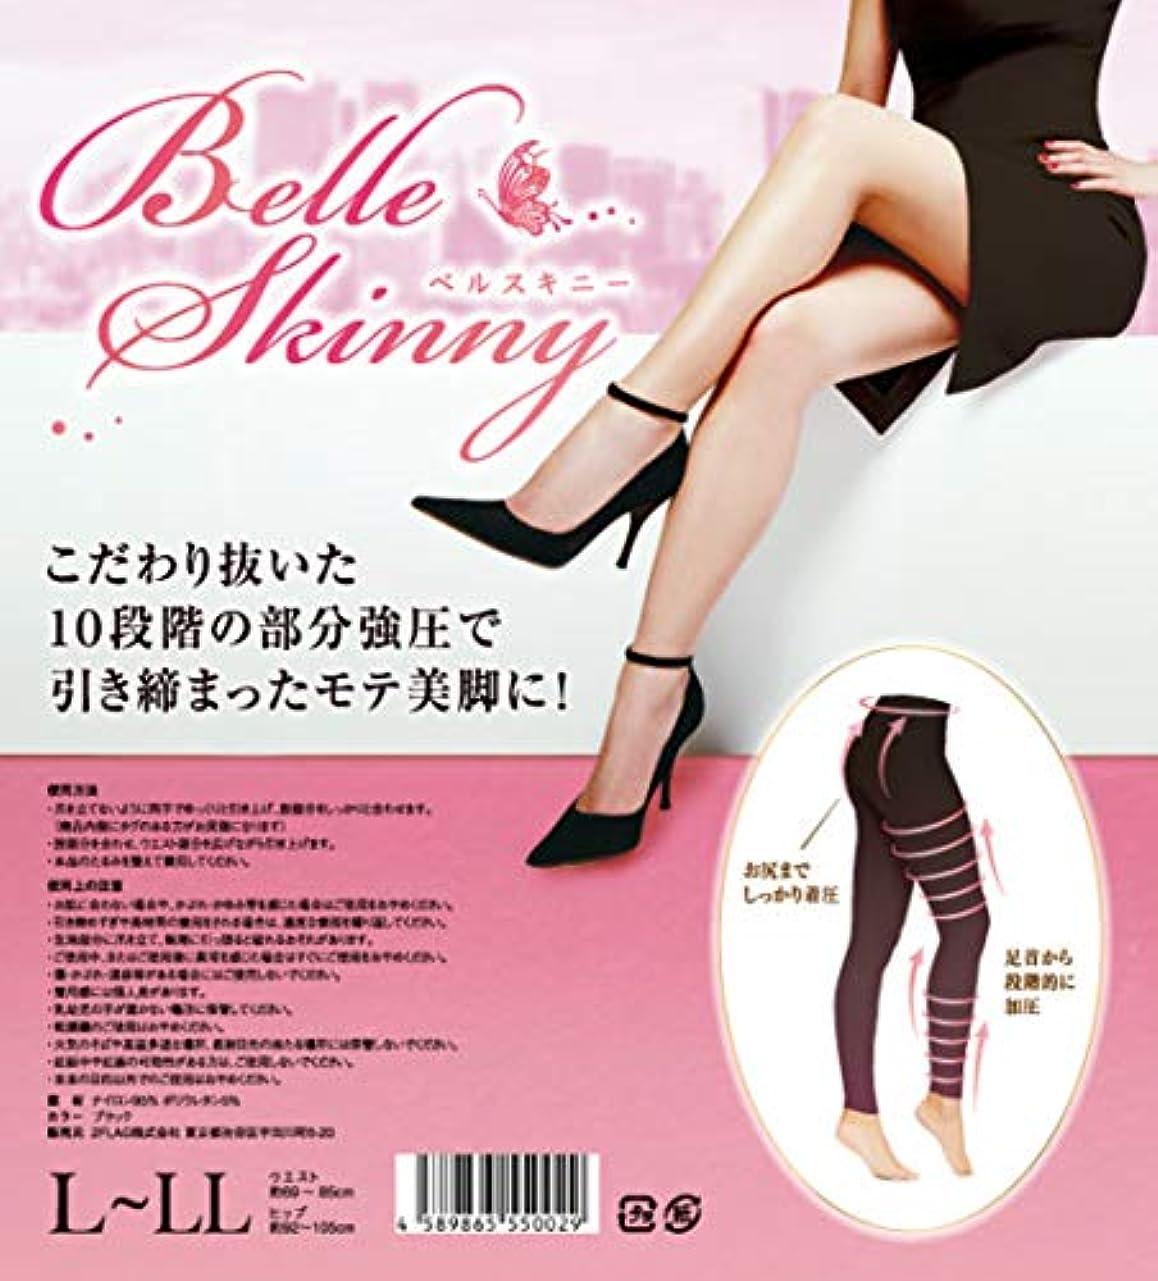 所属第二発症ベルスキニー BelleSkinny L-LLサイズ 着圧 骨盤矯正 脚痩せ むくみ 美脚 レギンス